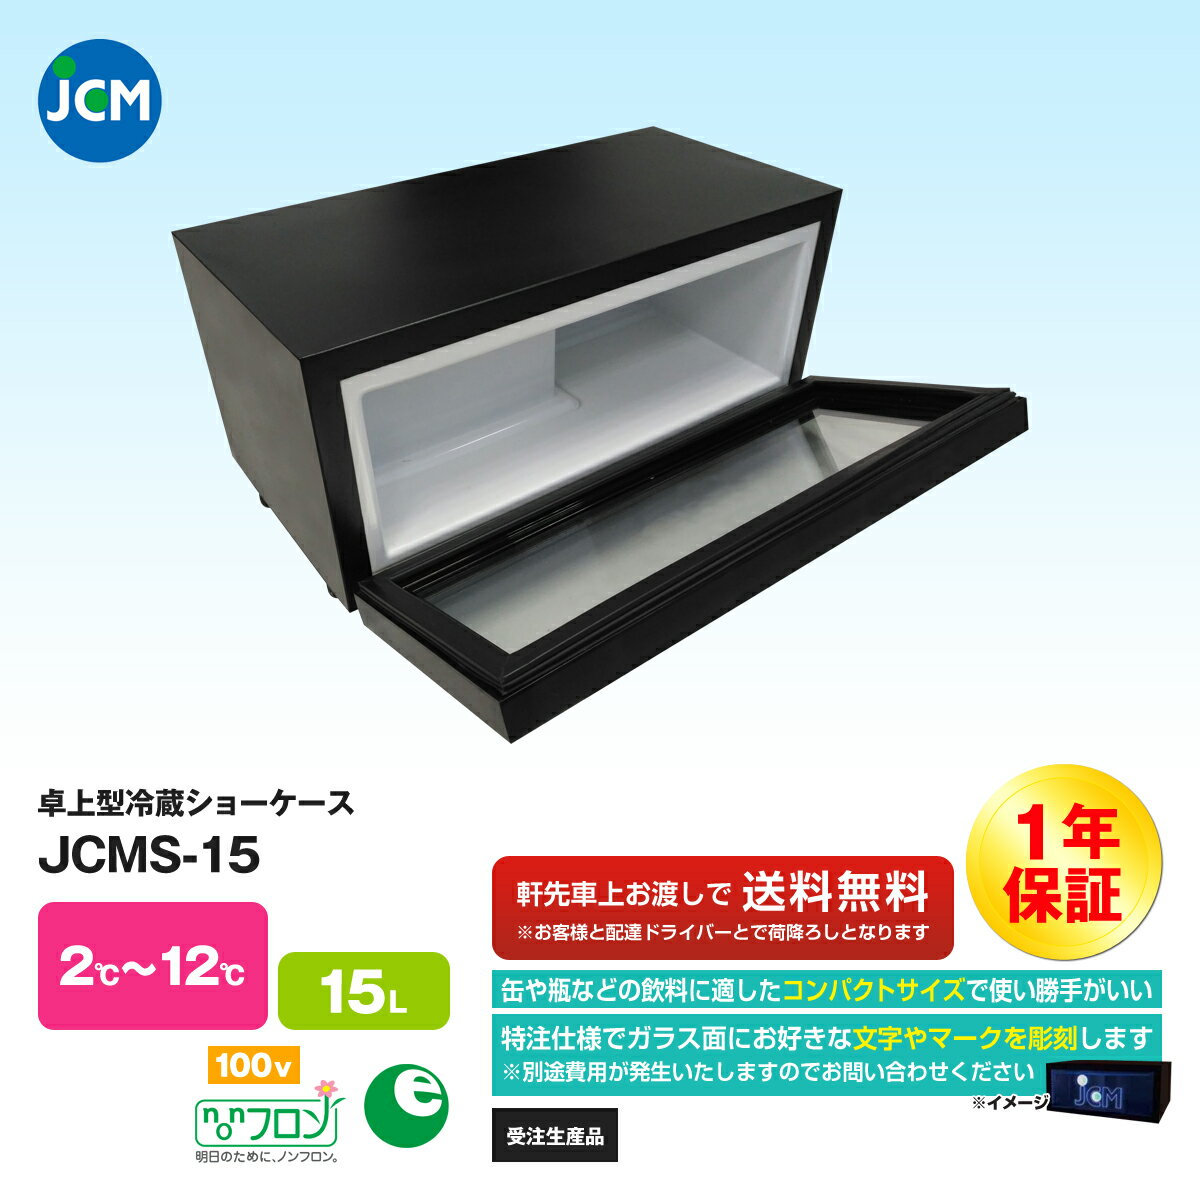 【エントリーでポイント最大10倍】JCM社製 業務用 保冷庫 冷蔵庫 15L 卓上 冷蔵 ショーケース (両面扉) JCMS-15 新品